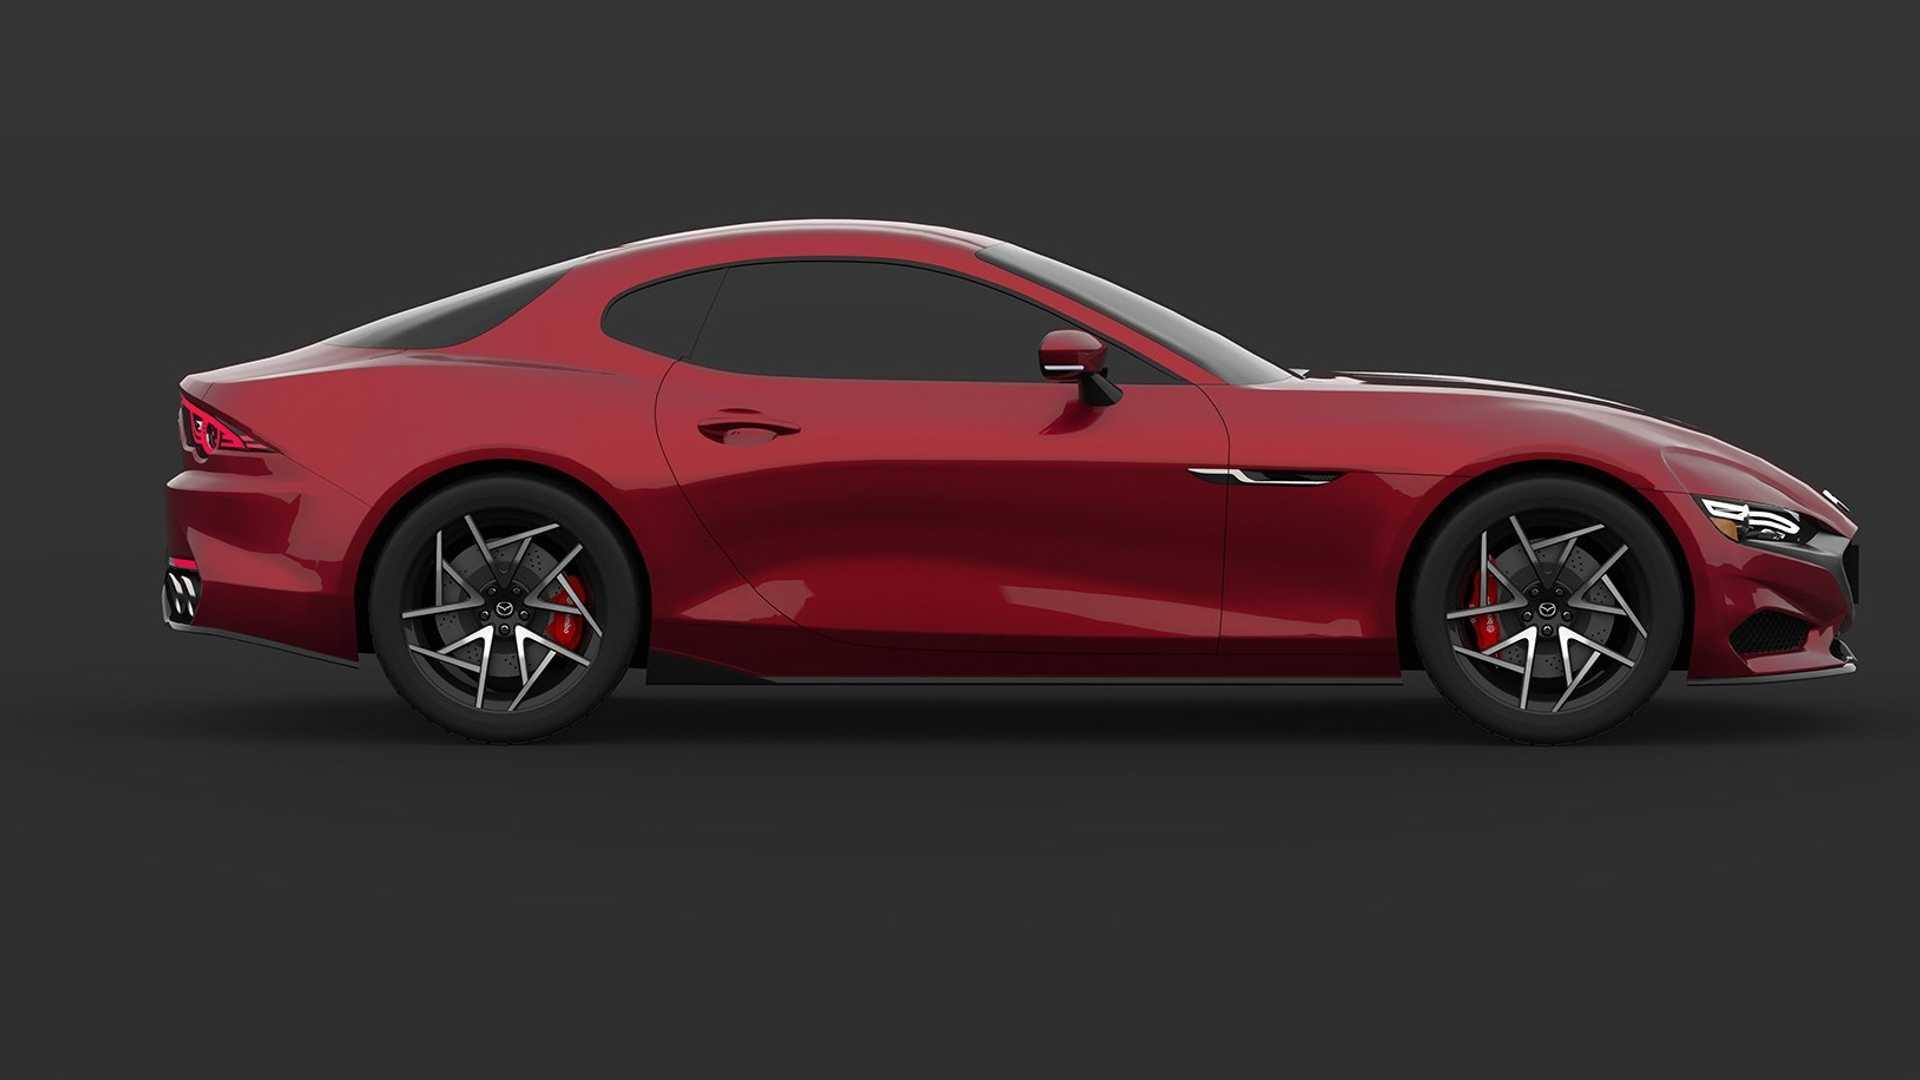 2022 Mazda RX-7 Rendering